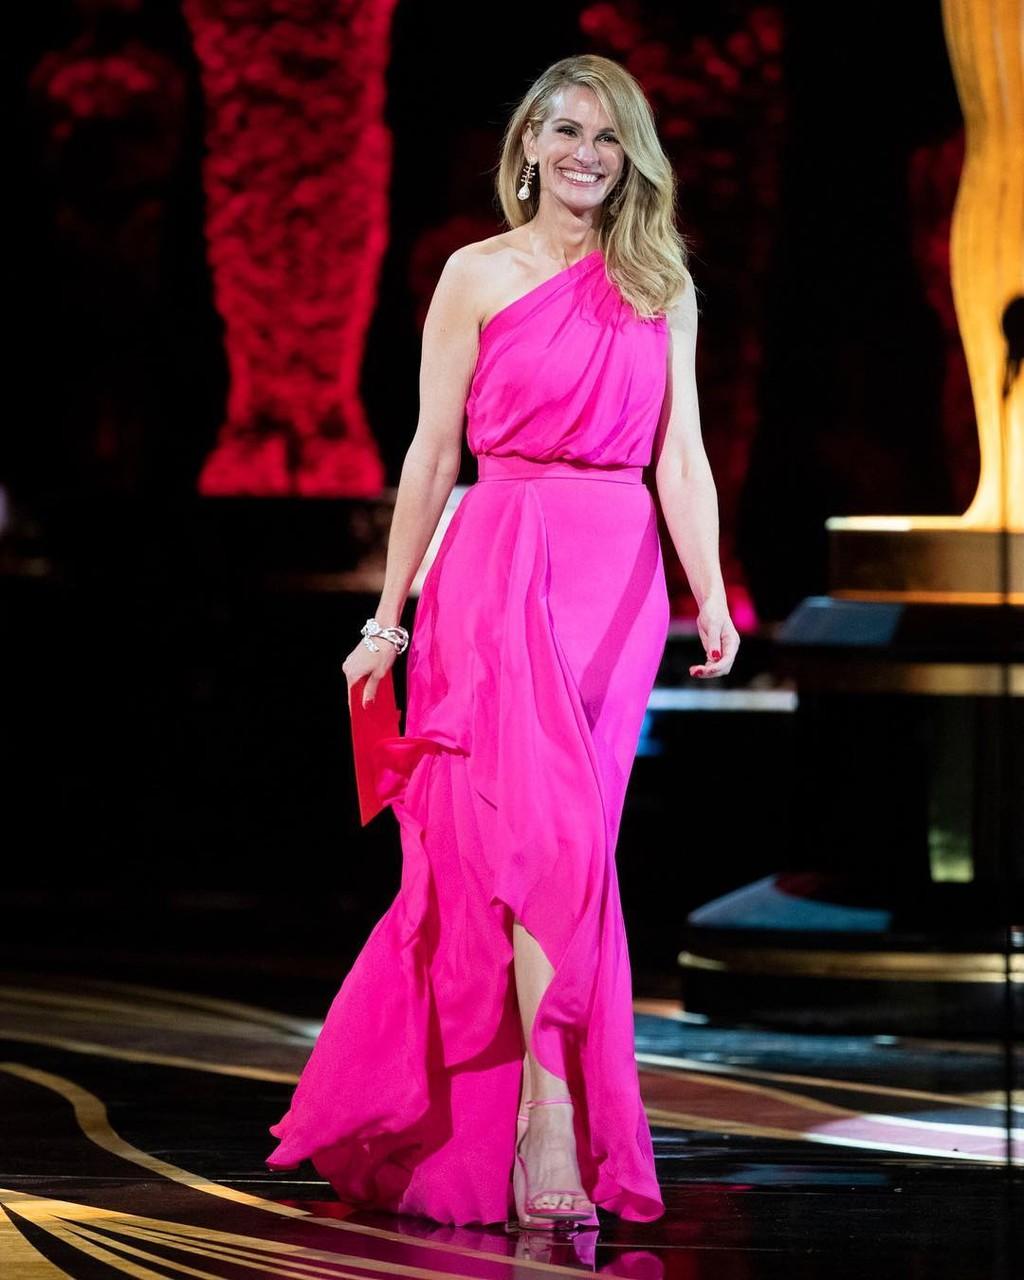 El rosa ha sido el protagonista de las Oscar 2019  15 vestidos rosa de  invitada e6520563e41